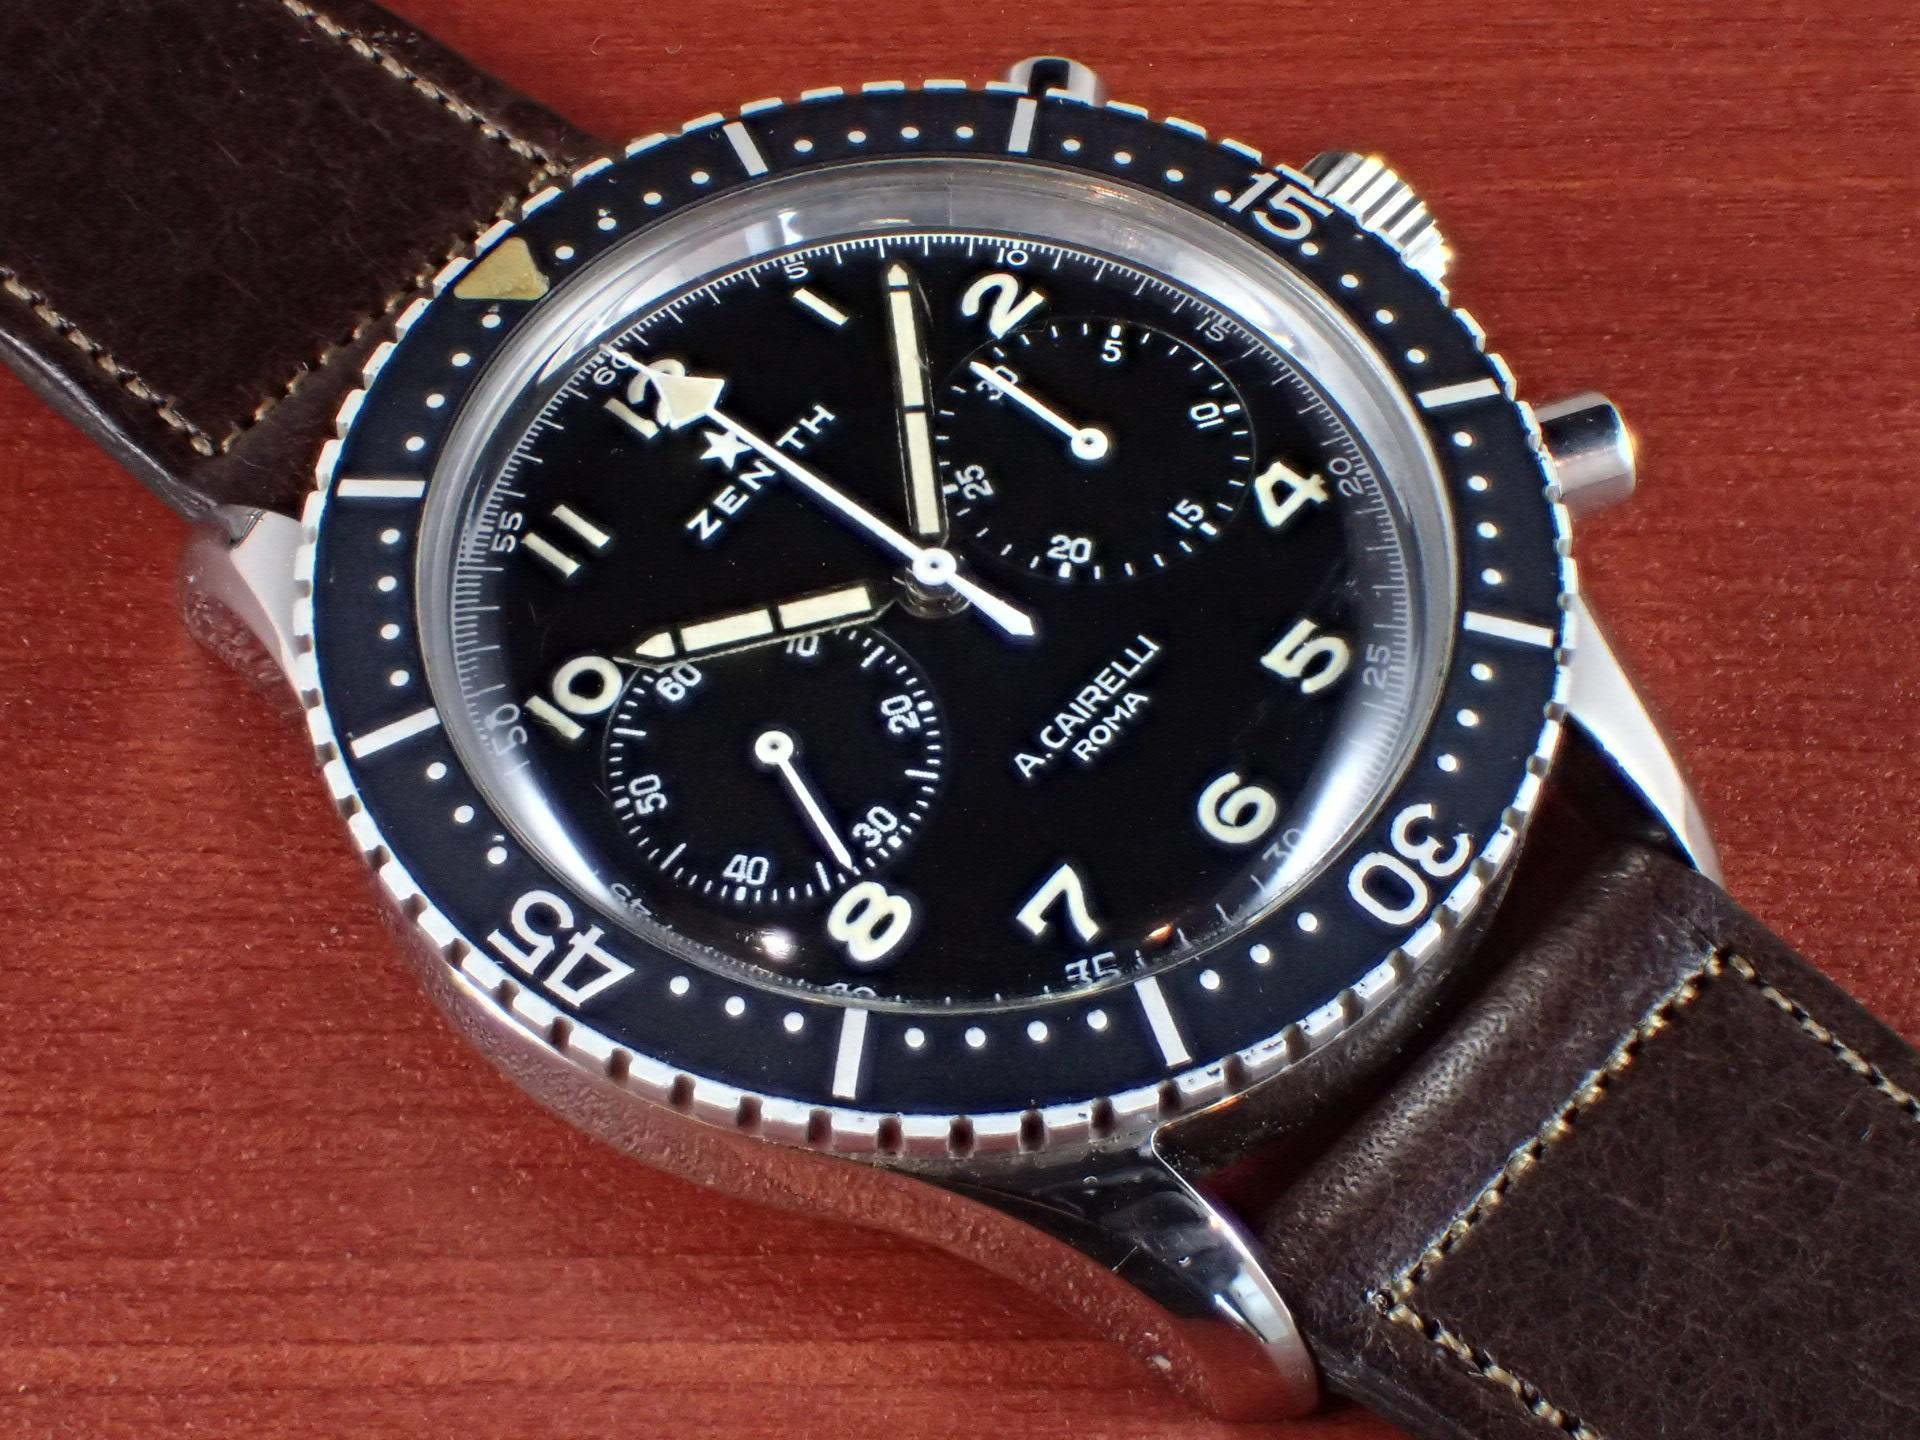 ゼニス イタリア空軍 クロノグラフ TIPO CP-2 未支給品 1960年代のメイン写真